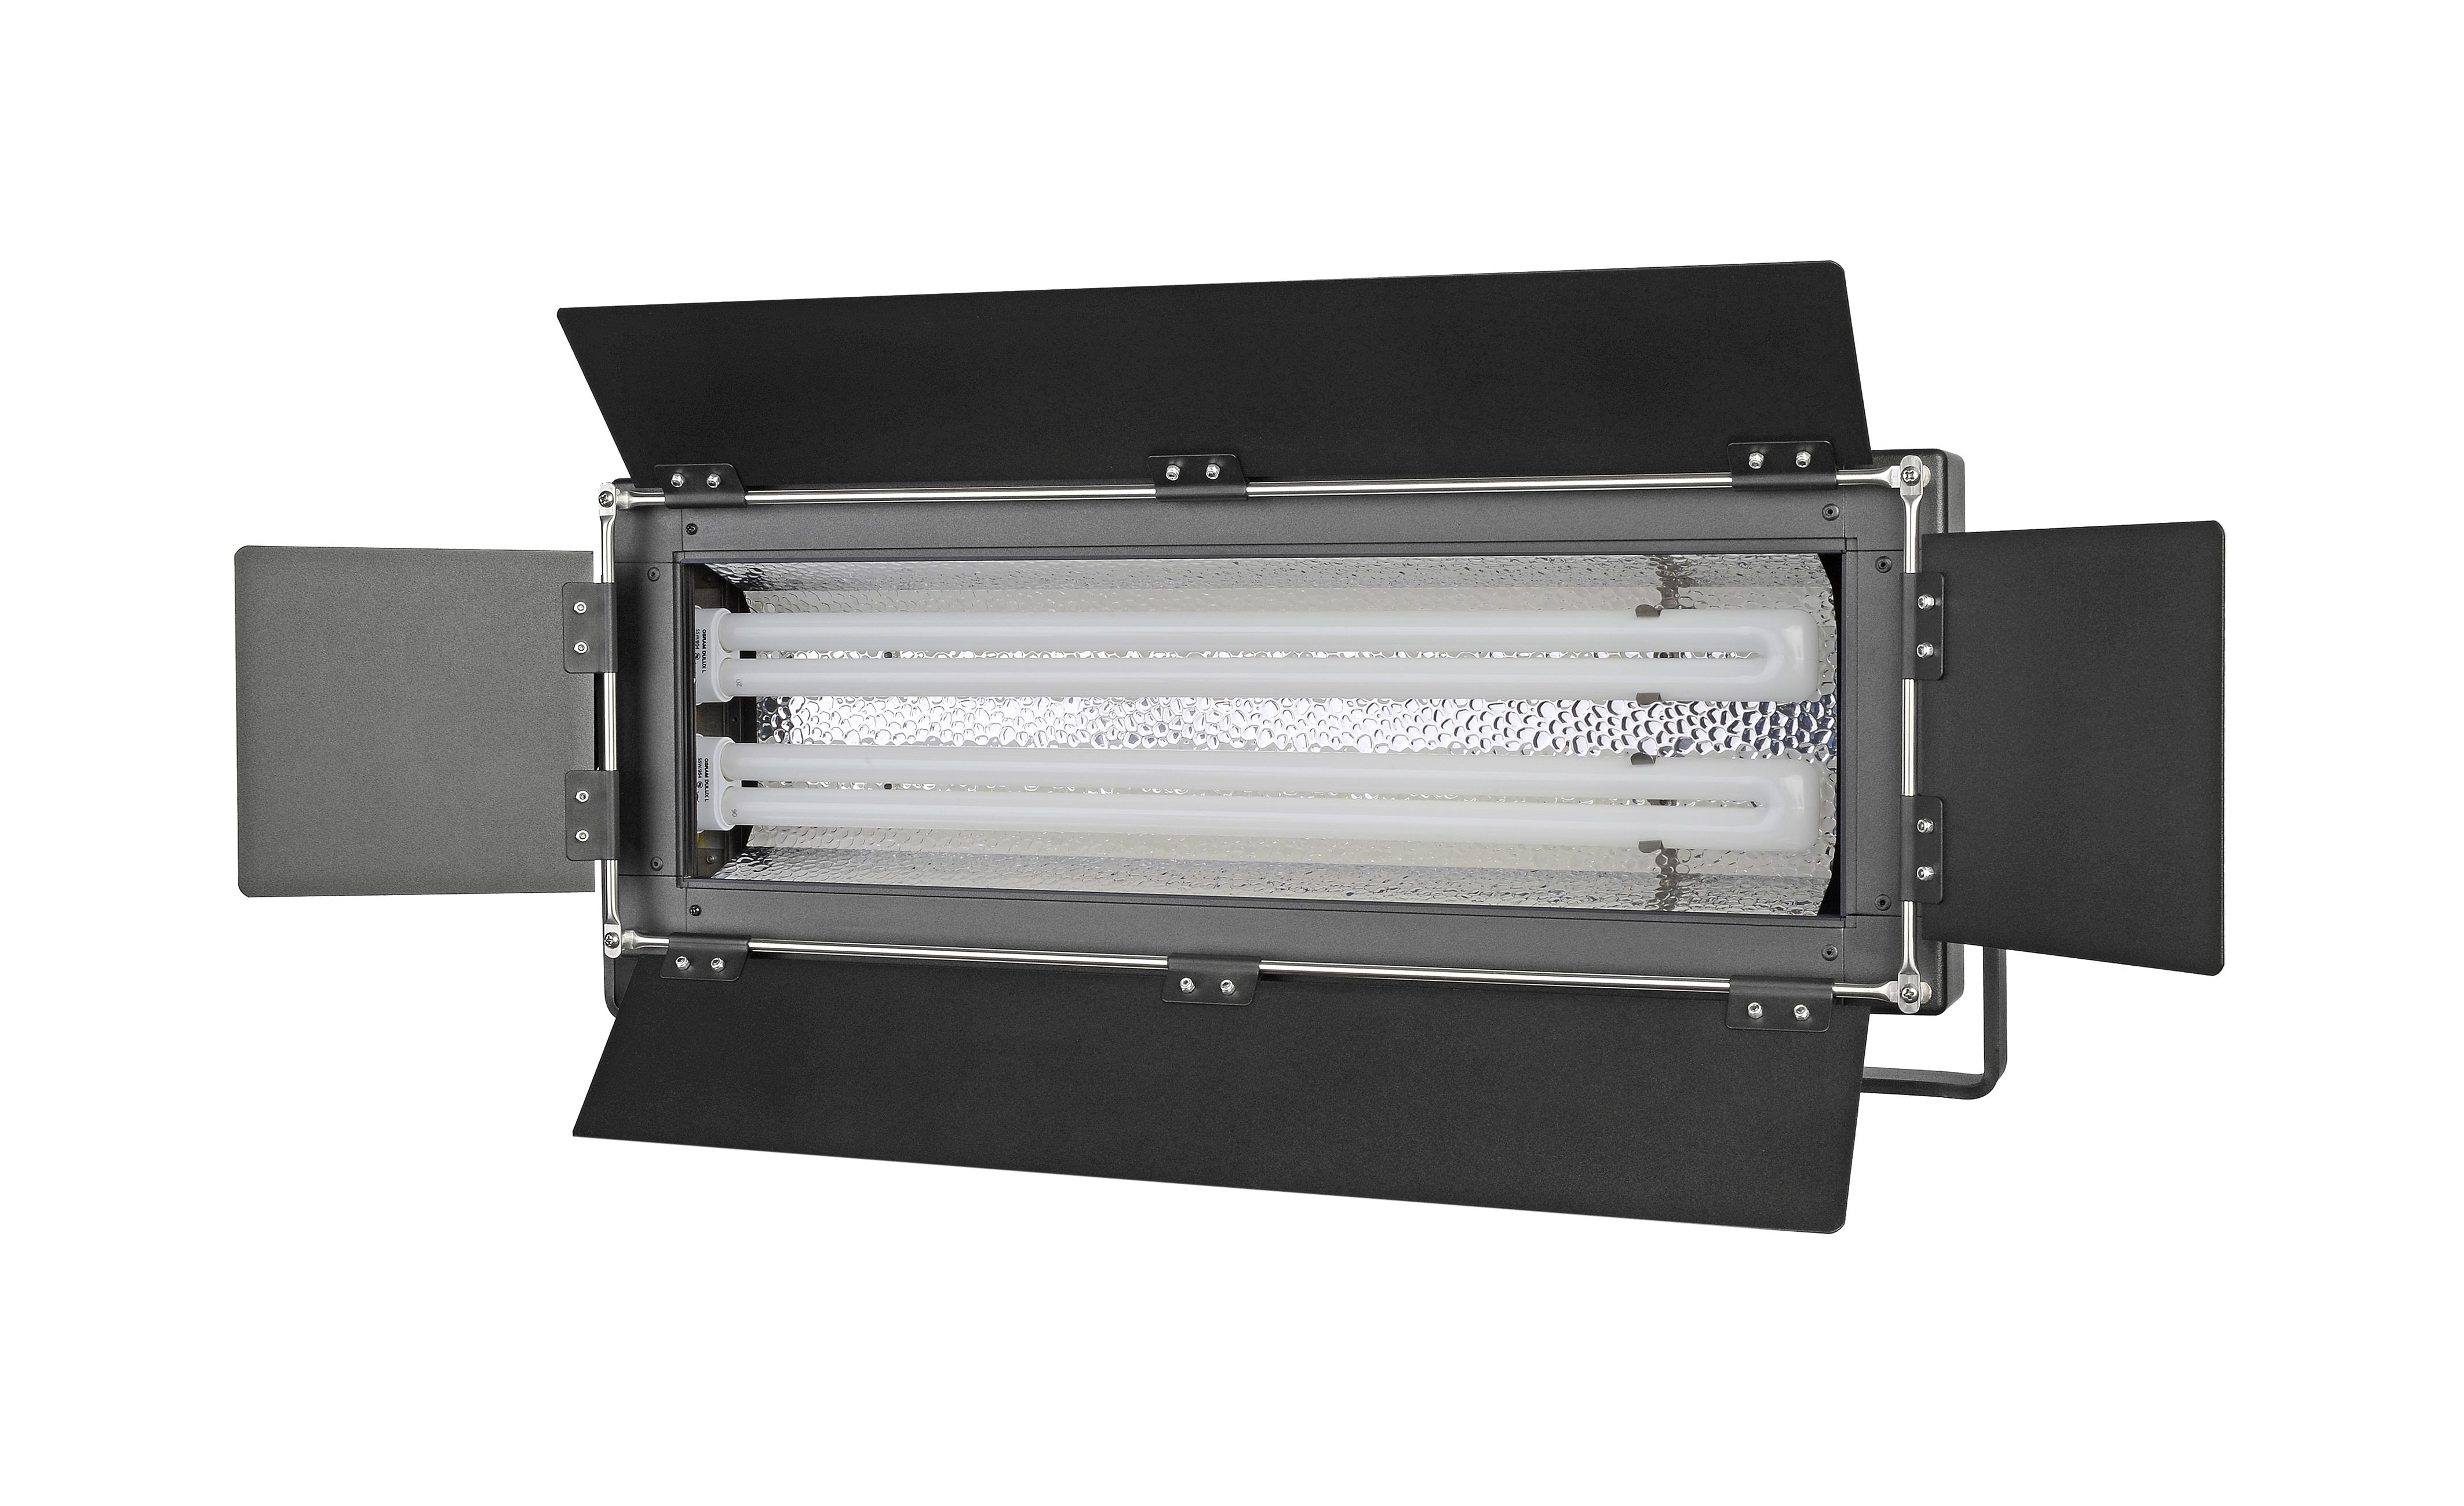 Lampada a tubi fluorescenti bresser mm 07 d 2x55w con regolatore